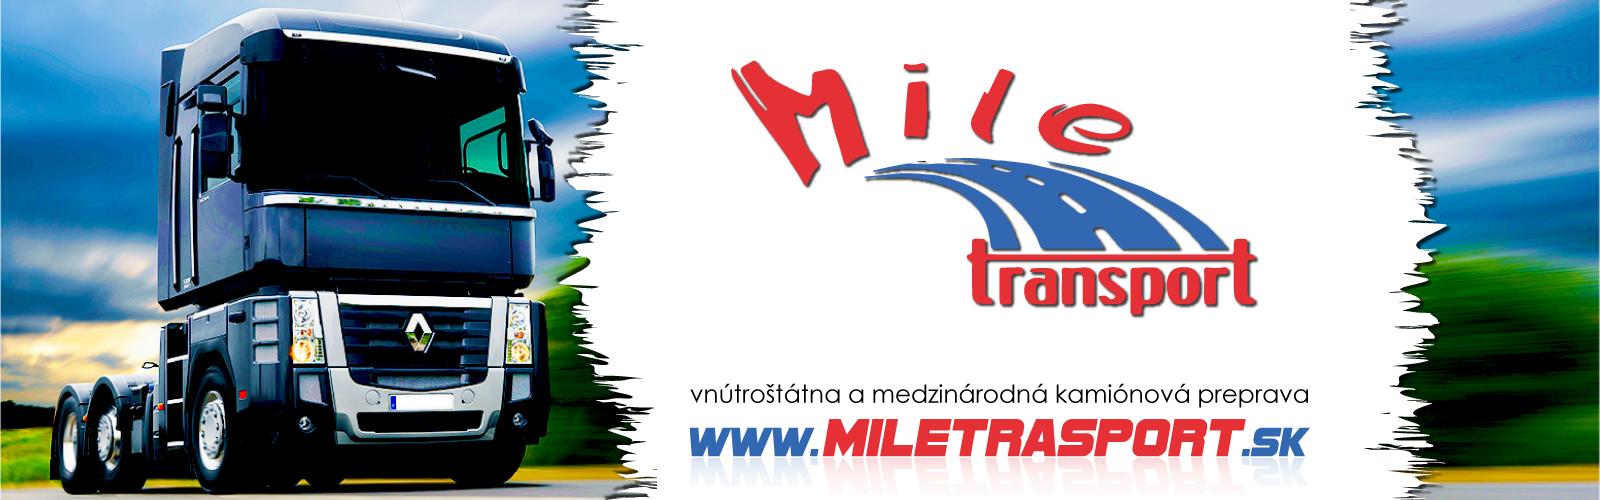 Miletrasport